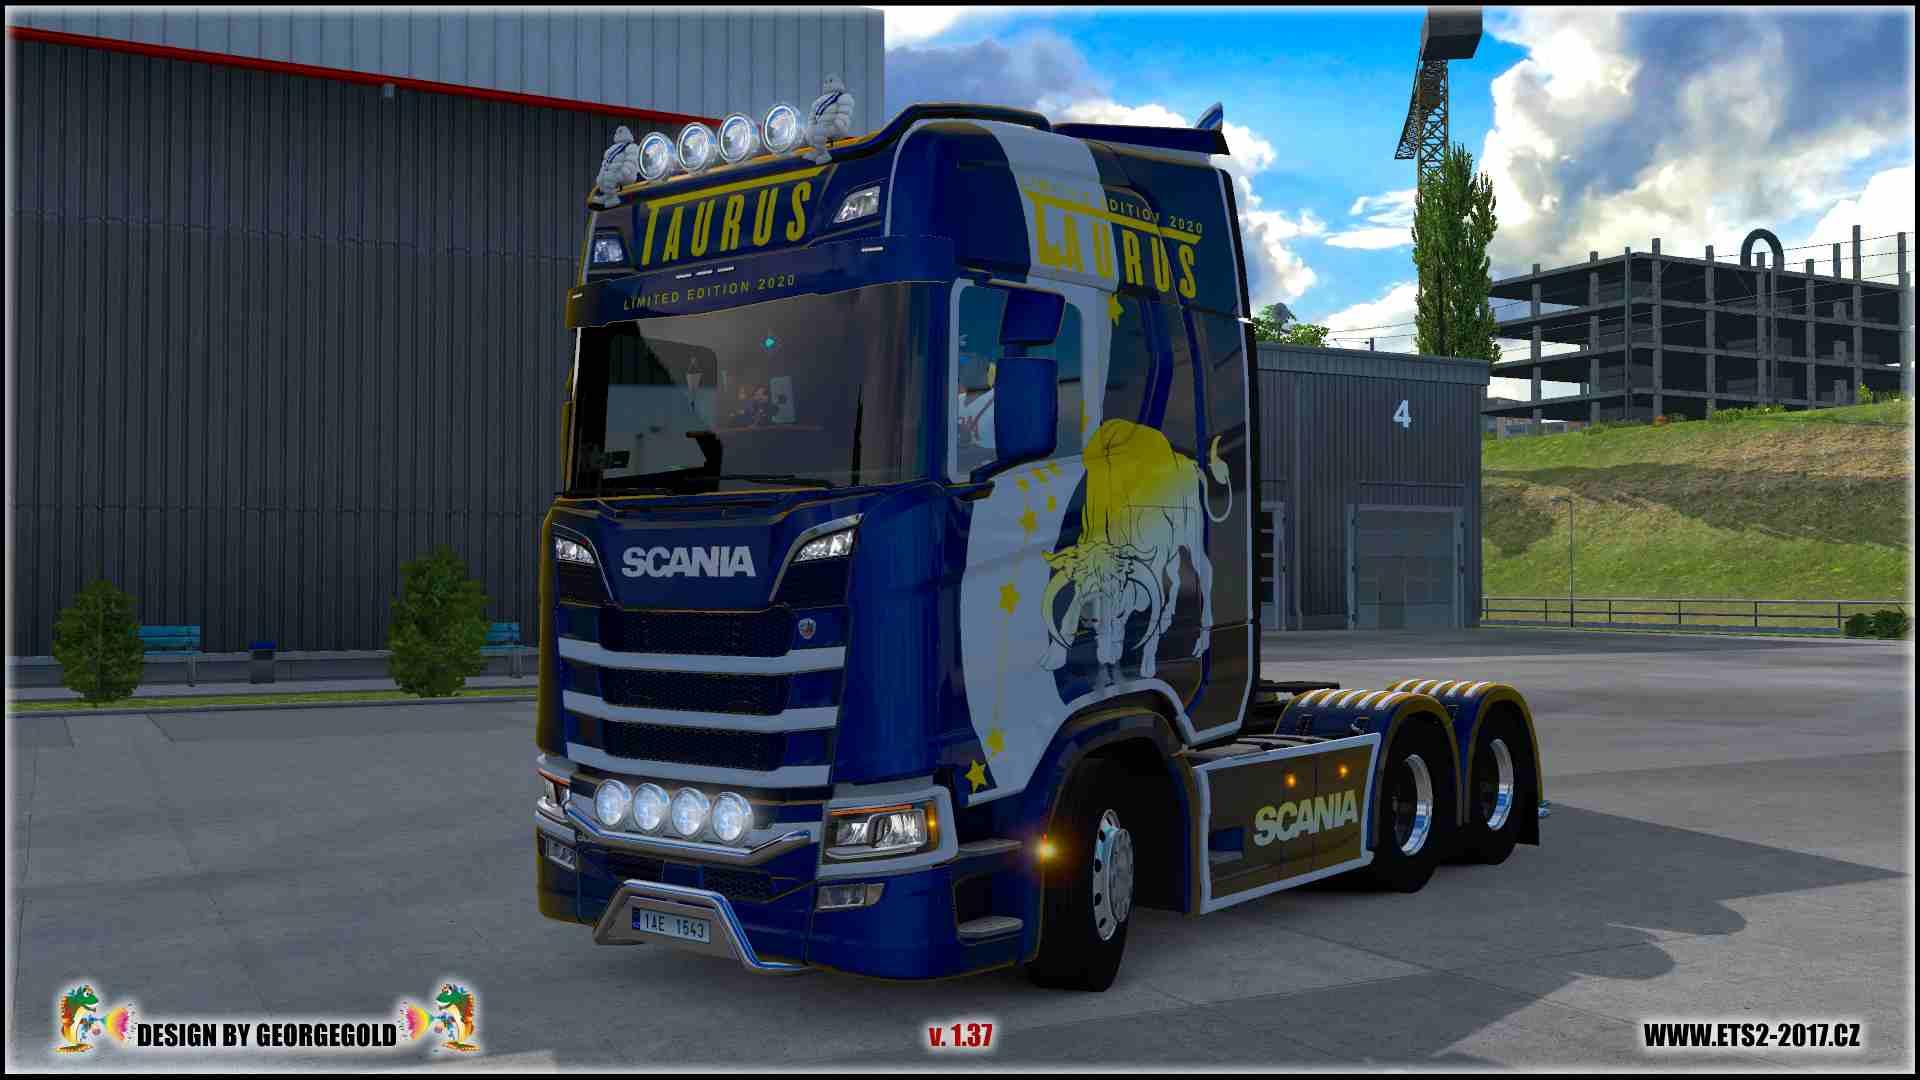 Scania S NG Taurus